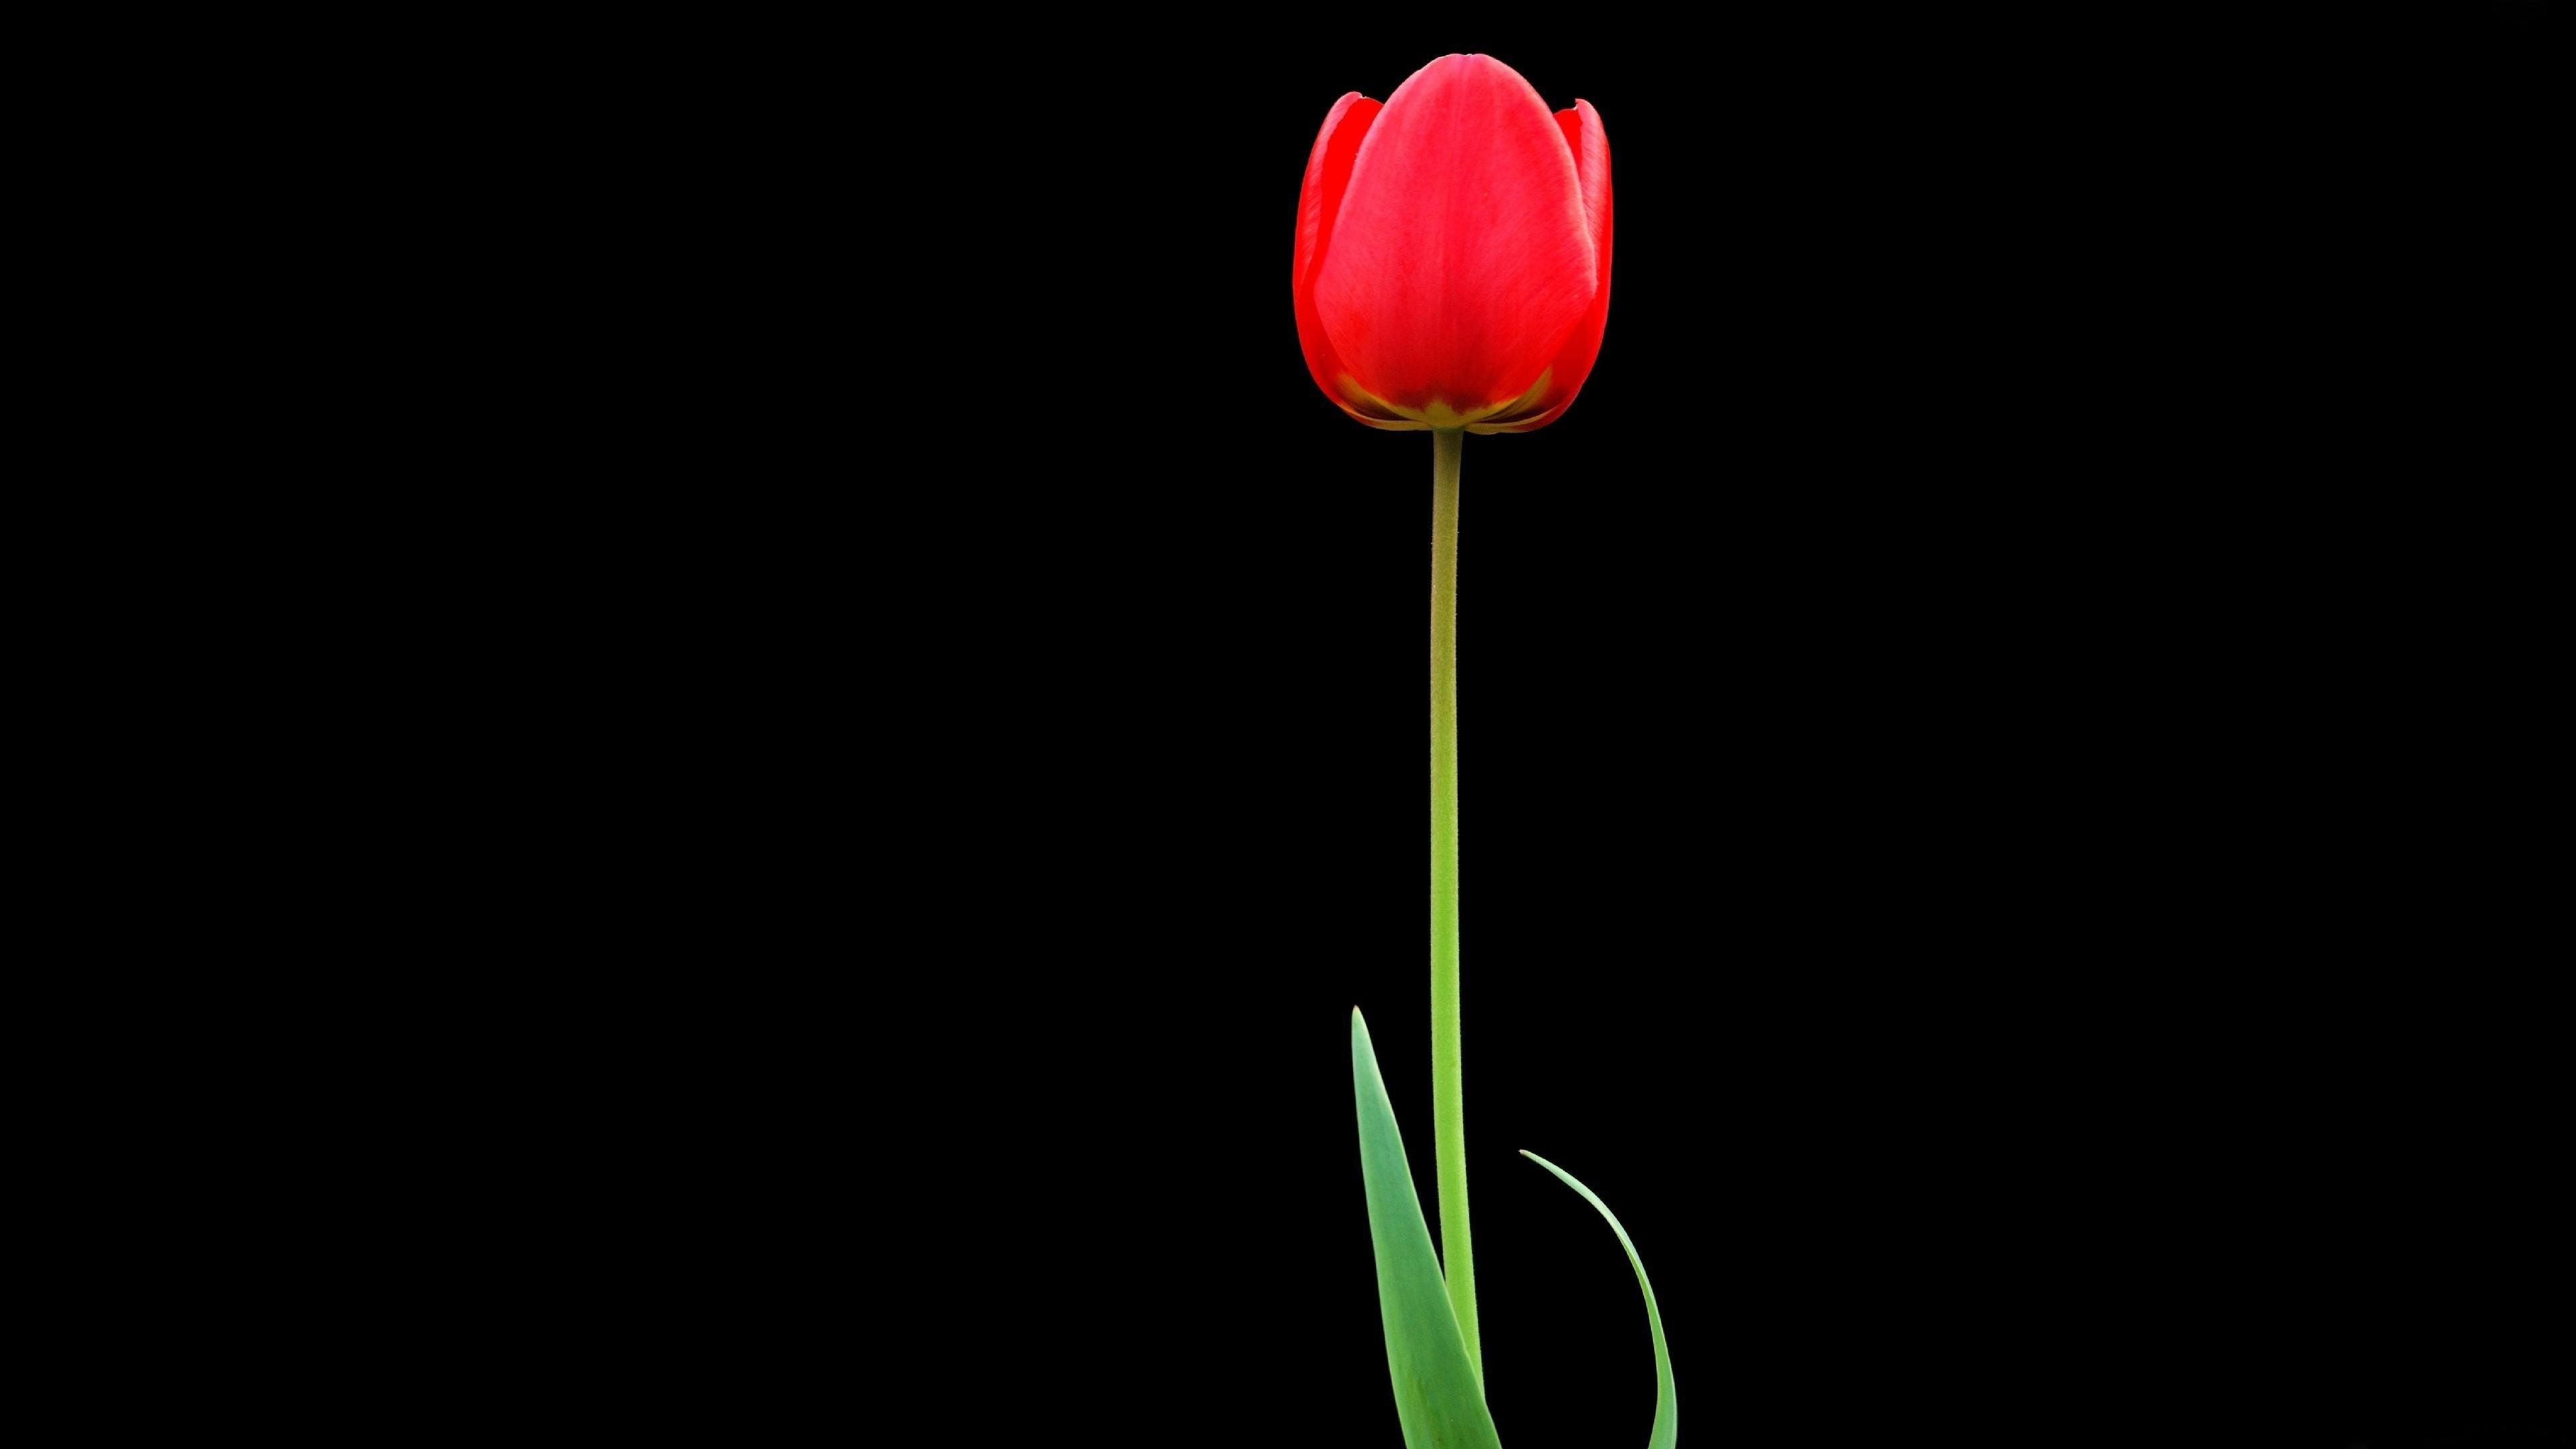 Tulip Red Flower 4k Ultra Hd Wallpaper 3840x2160